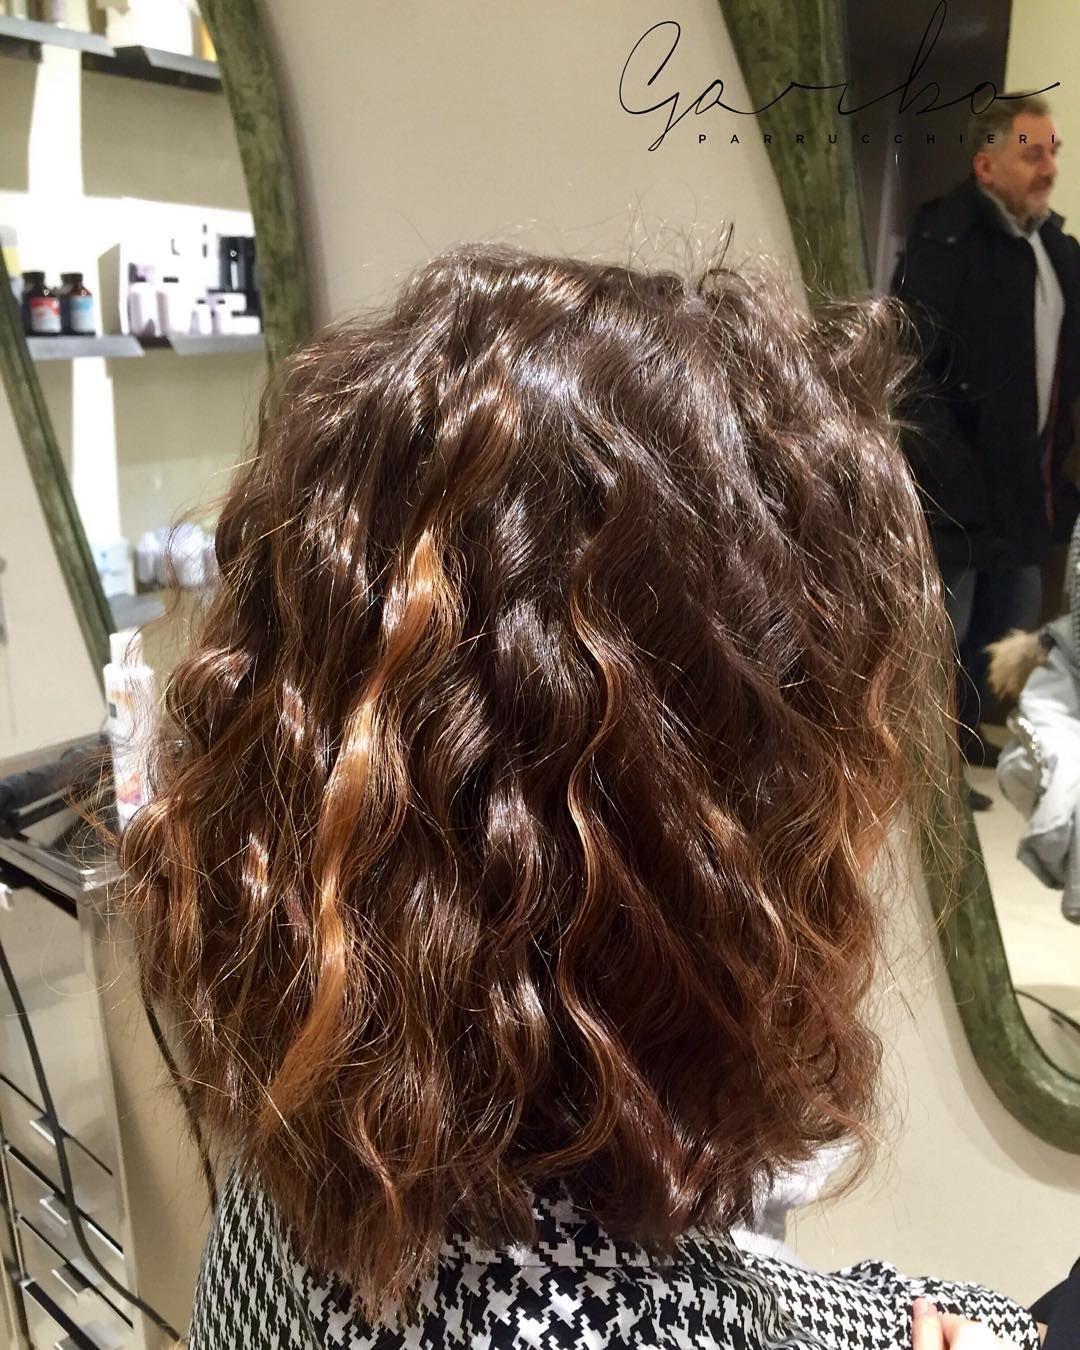 Erica e le Onde  --- #onde #garboparrucchieri #taglio #lungo #capelli #tagliolungo #capellilunghi #nuovotaglio #nuovo #moda #tendenza #forbici #instahair #gropellocairoli #garlasco #vigevano #pavia #milano